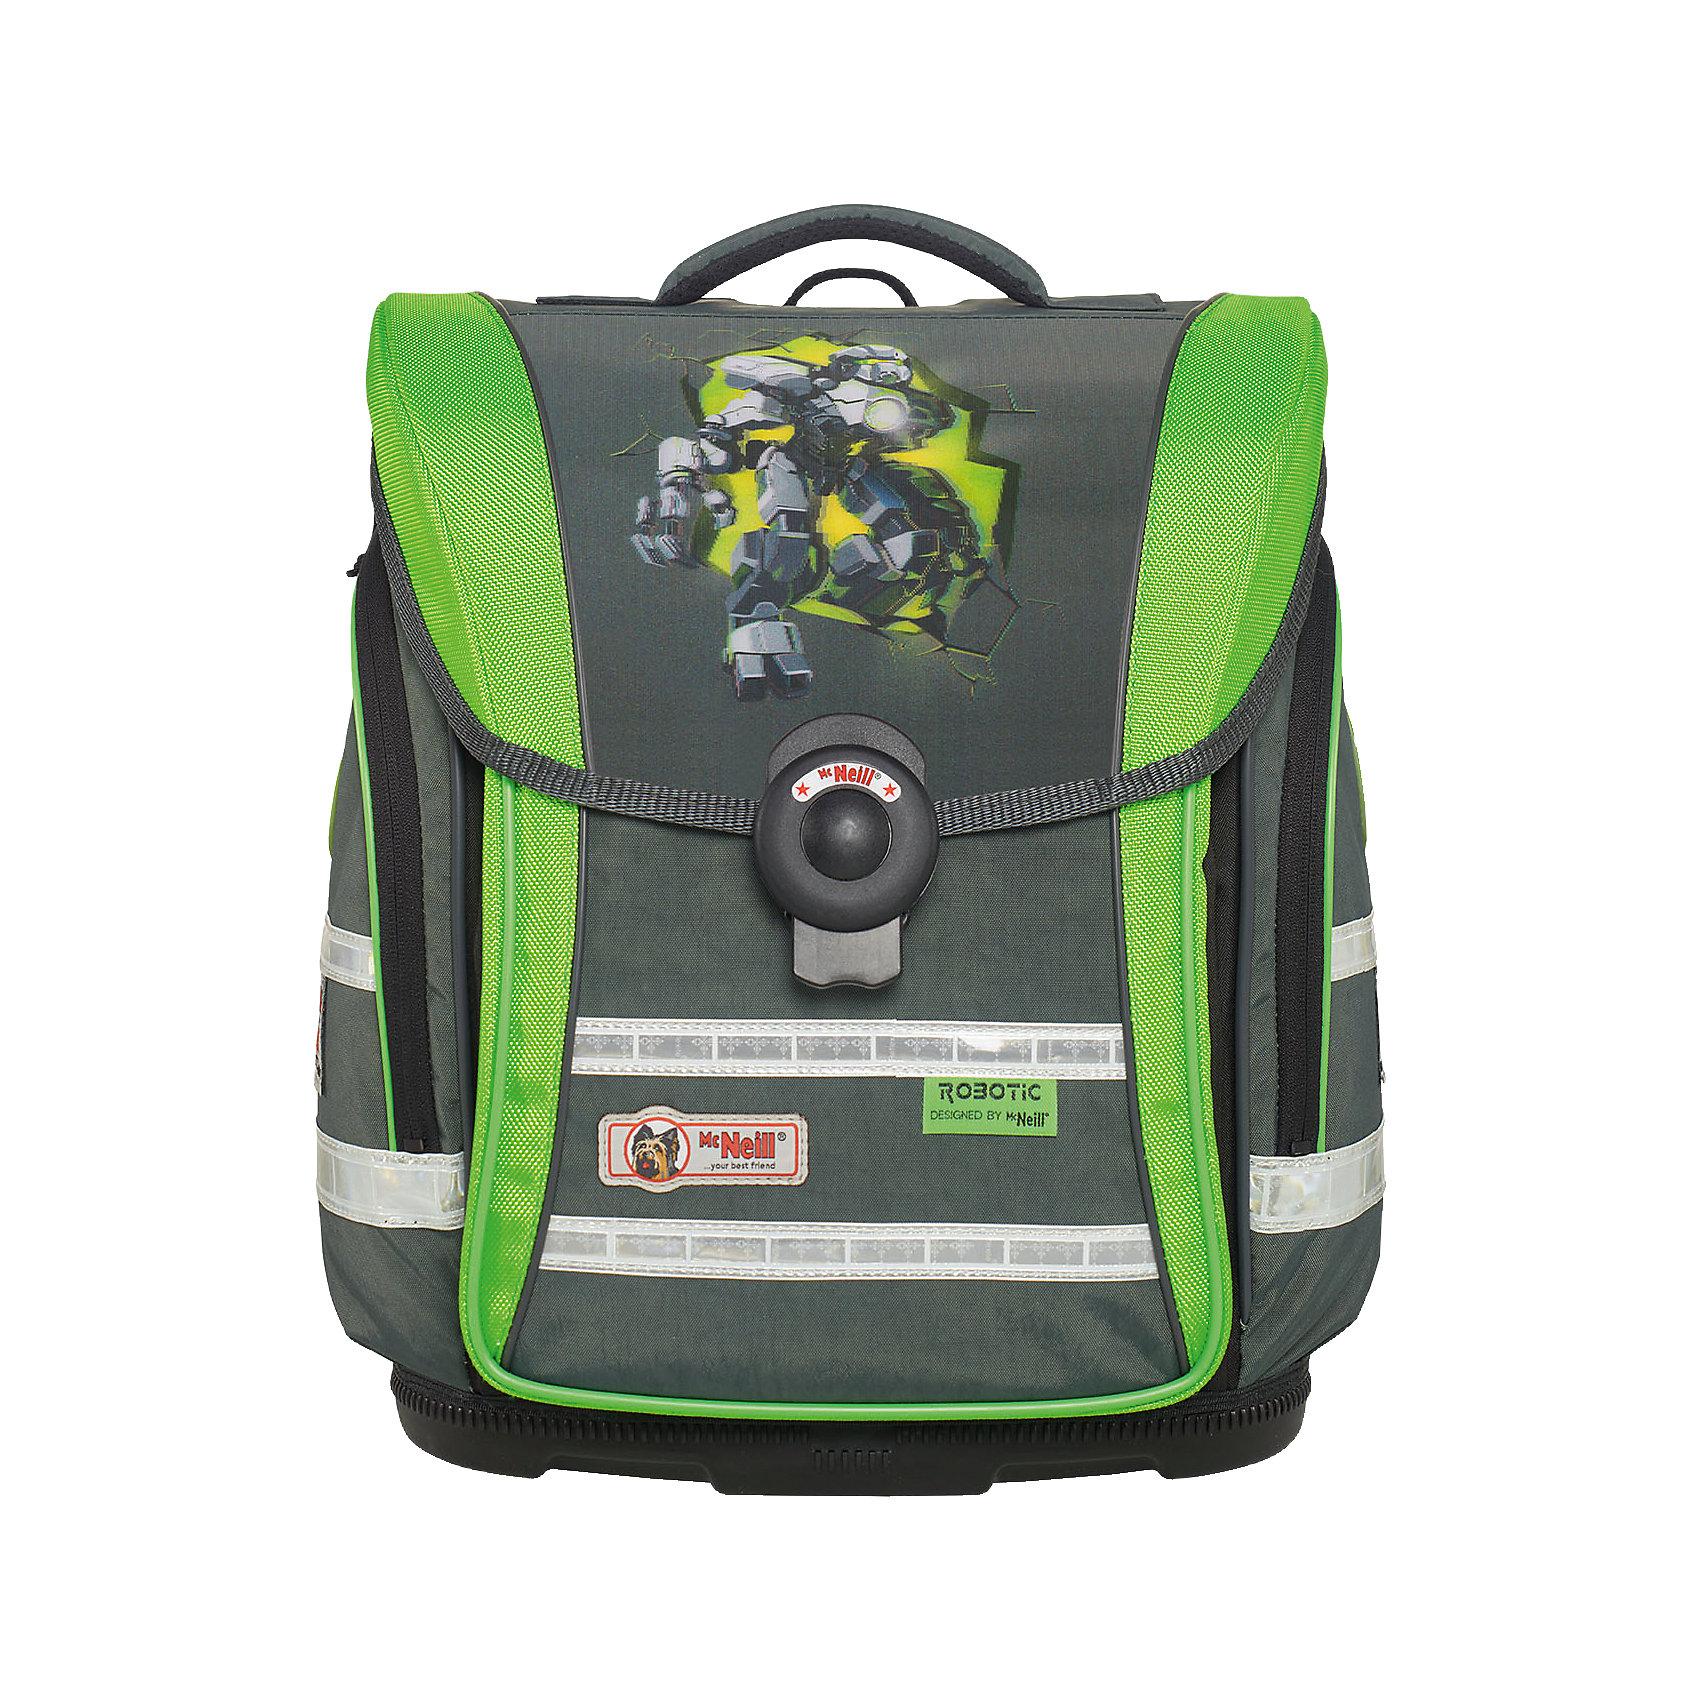 MC Neill Школьный рюкзак ERGO Light COMPACT (4 пр.) РоботэкРанцы<br>Новое в ранцах McNeill ERGO Light COMPACT - Система SmartFlex –  изменяющаяся по высоте несущая система с 3-х точечной эргономикой. Вместимость 19,5 л,  вес ранца 1100 гр, удобный замок, боковые потайные карманы на молниях, дно из особо прочного пластика, ортопедическая спина, регулируемые ремни на мягких подушках.  В наборе  пенал с наполнением, пенал-тубус, сумка для обуви и спорта.     31*38*20см<br><br>Ширина мм: 433<br>Глубина мм: 349<br>Высота мм: 261<br>Вес г: 2119<br>Возраст от месяцев: 60<br>Возраст до месяцев: 120<br>Пол: Мужской<br>Возраст: Детский<br>SKU: 4231703